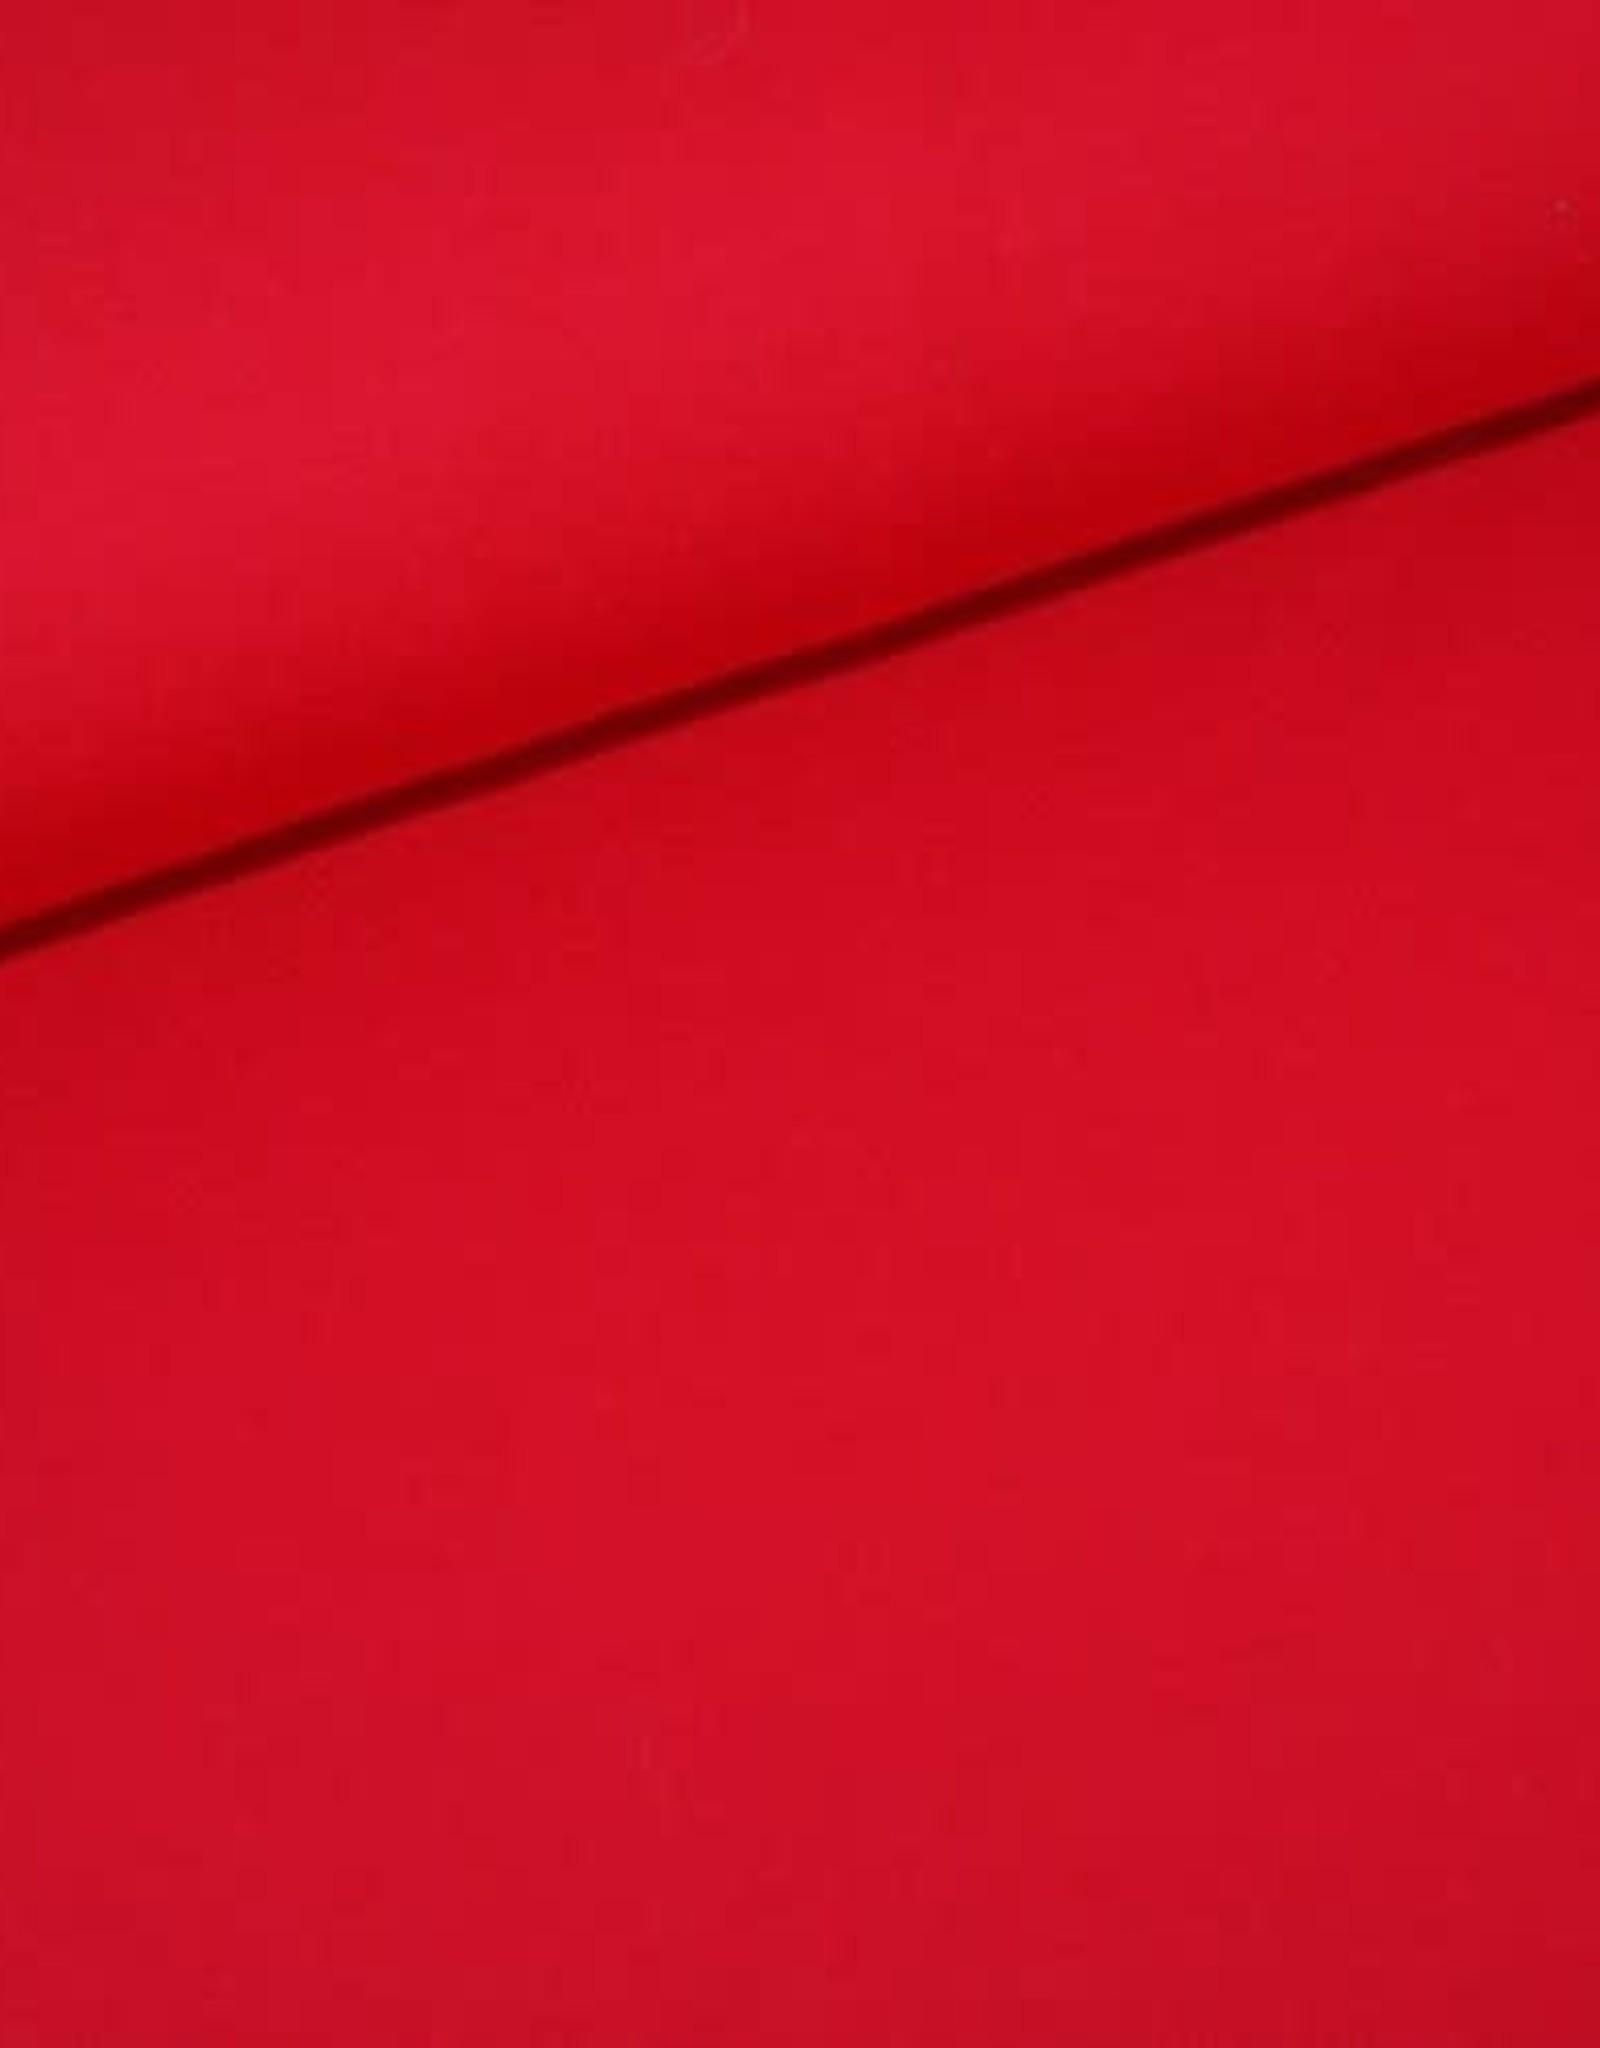 Stik-Stof Punta royal rood